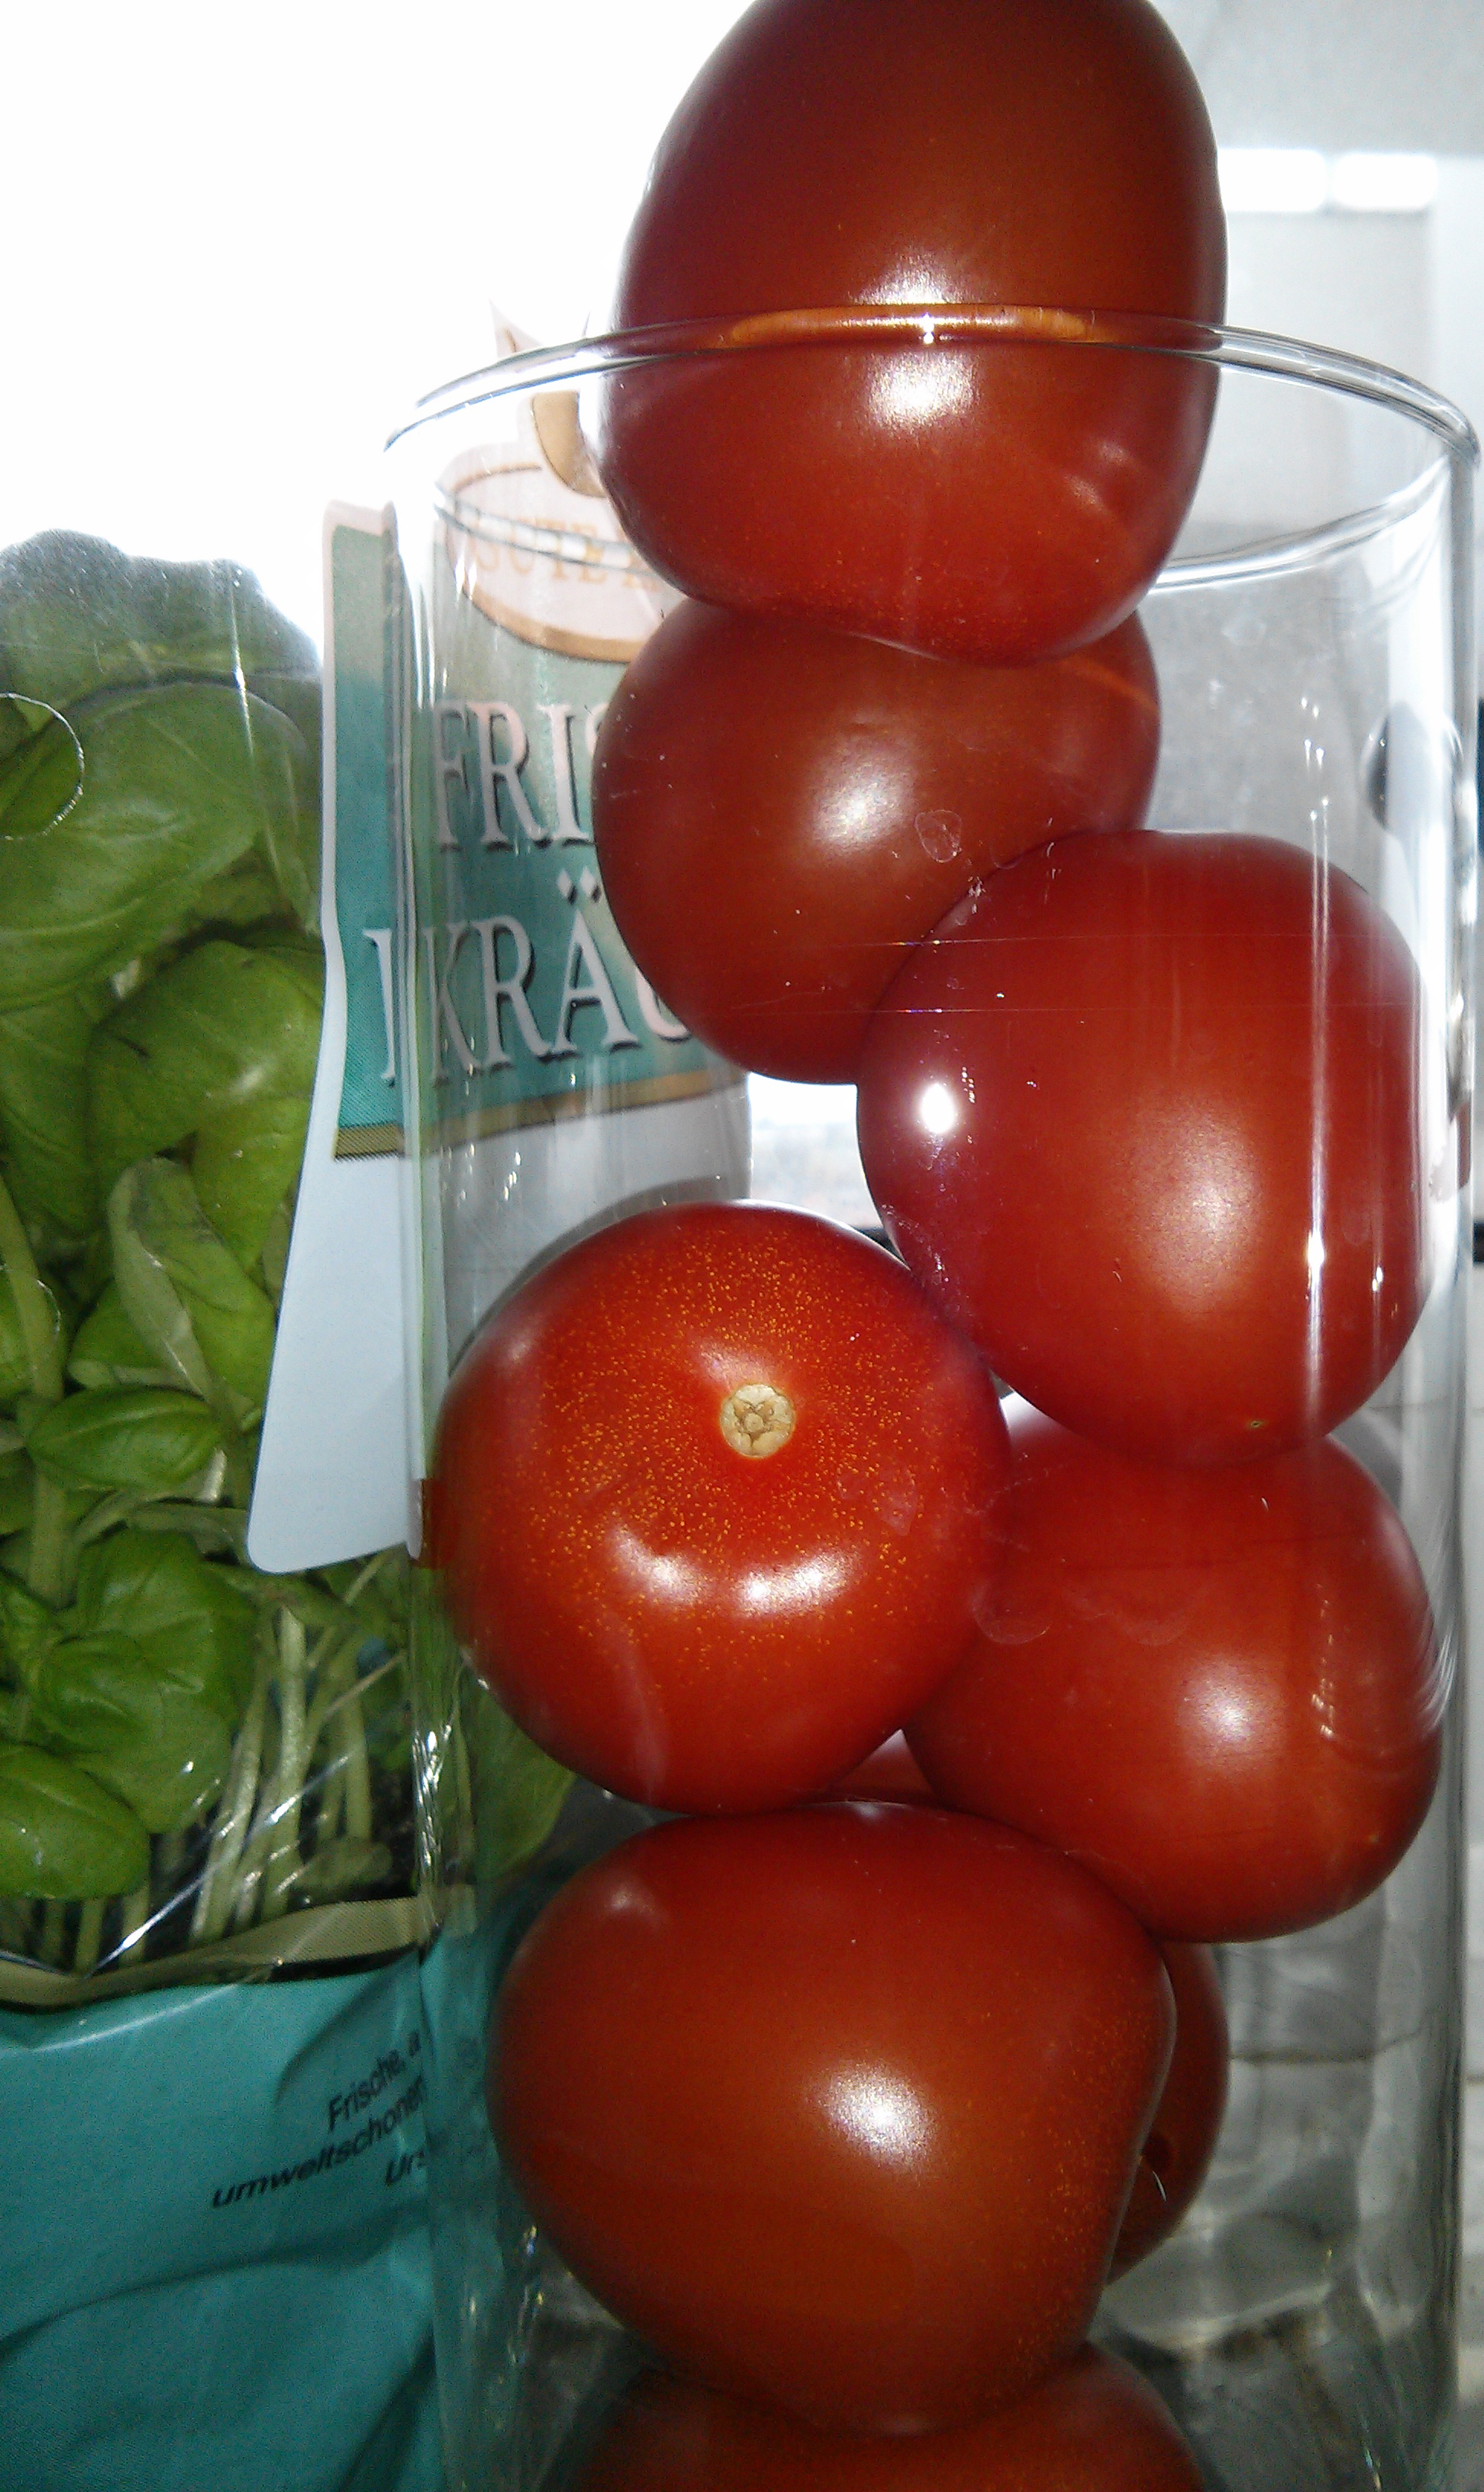 Sollte man Tomaten lieber im Kühlschrank lagern oder so